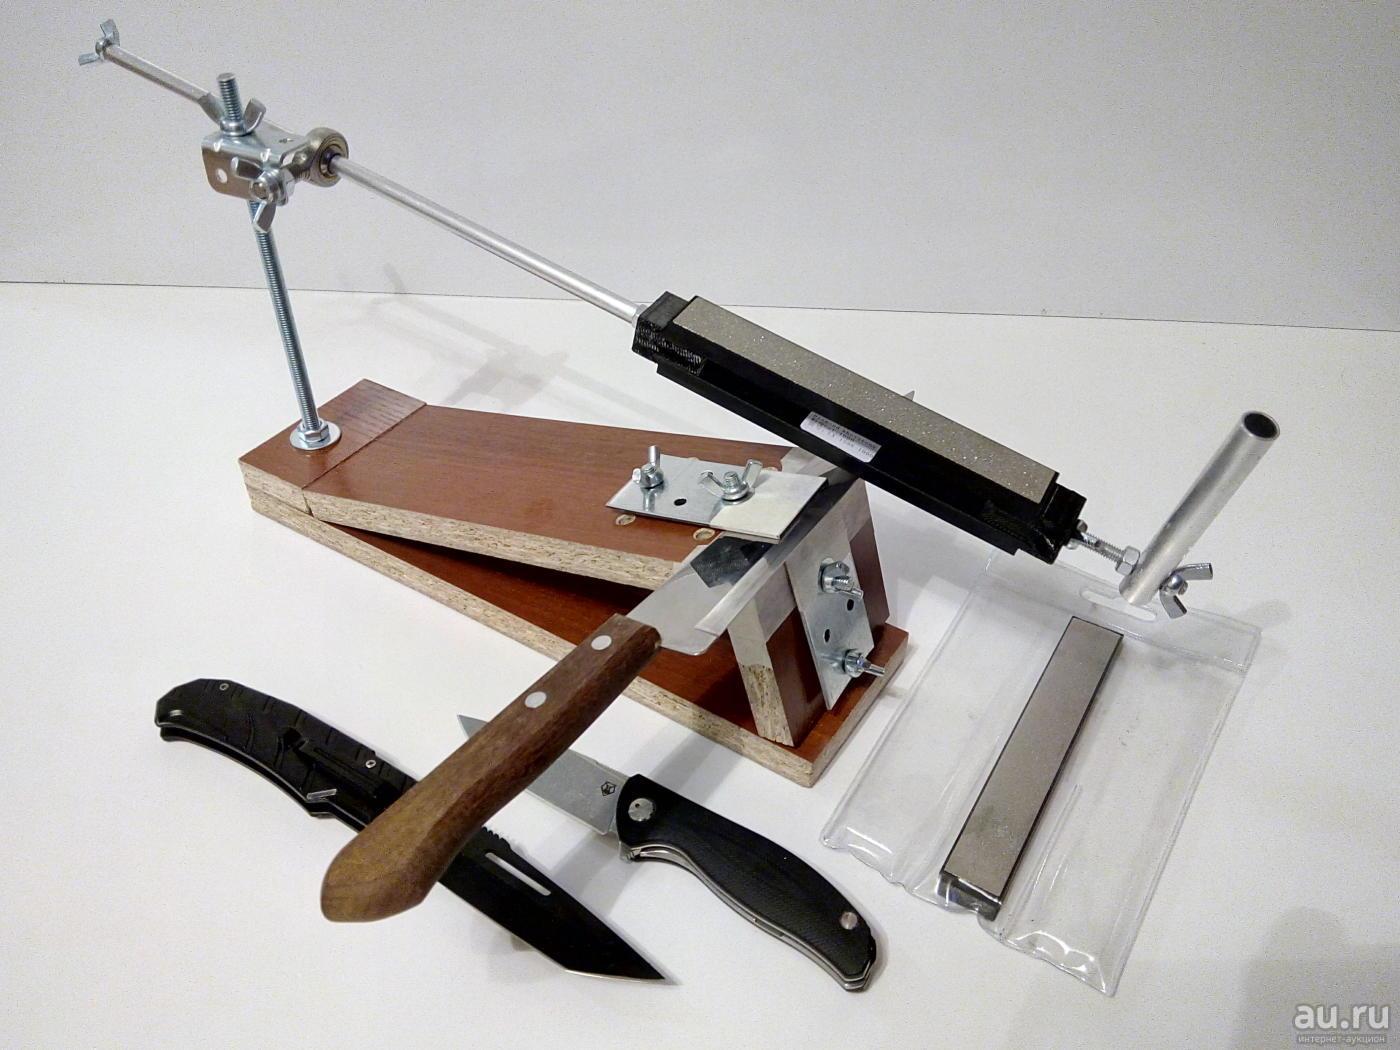 Изготовление станка для заточки ножей своими руками в домашних условиях